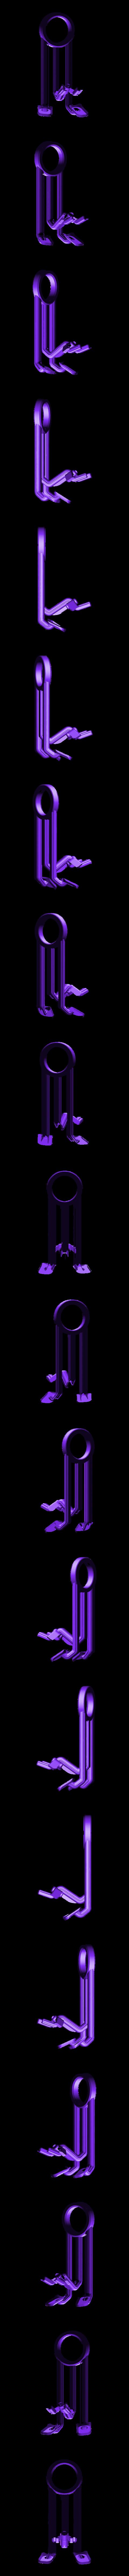 control-pedals.stl Download free STL file Tow Walker • 3D print model, ferjerez3d